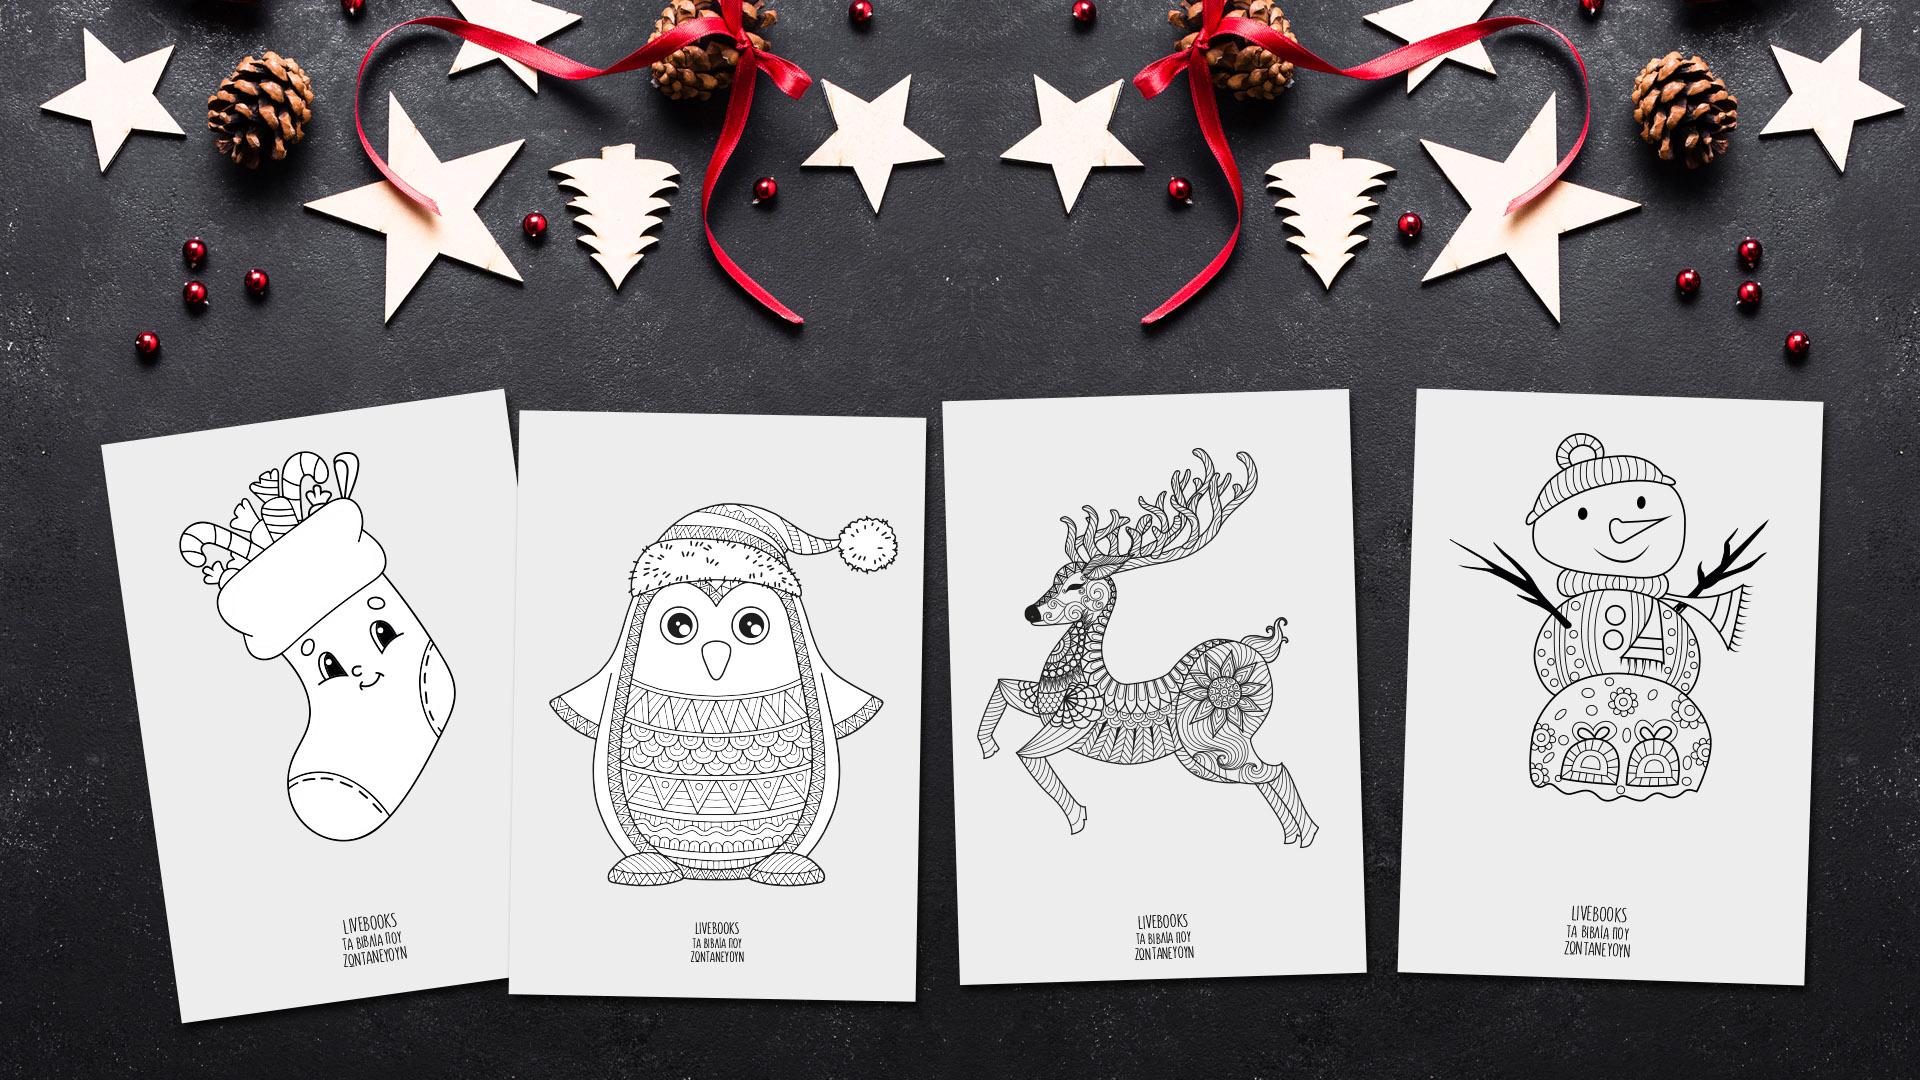 Χριστουγεννιάτικες ζωγραφιές για εκτύπωση για παιδιά